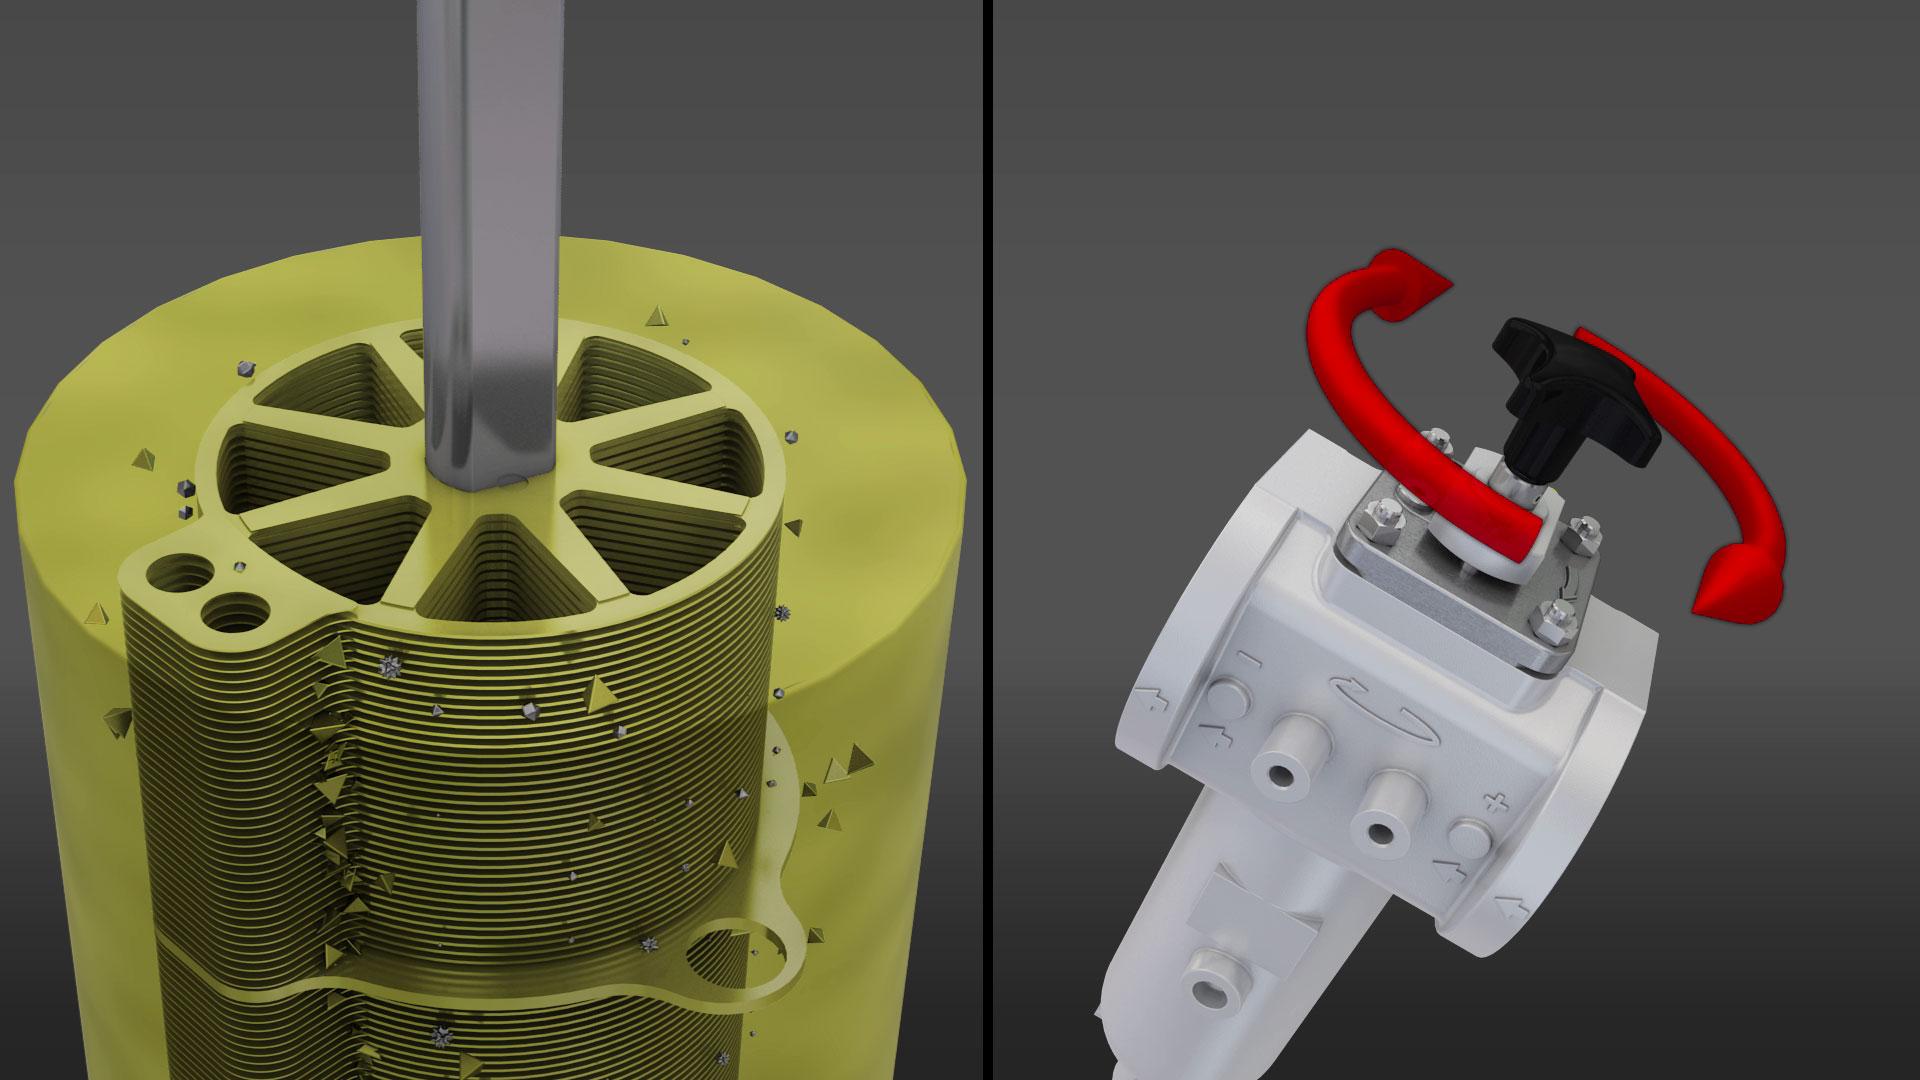 Animazione 3D per il nuovo filtro industriale Plate Gap di Filtrec